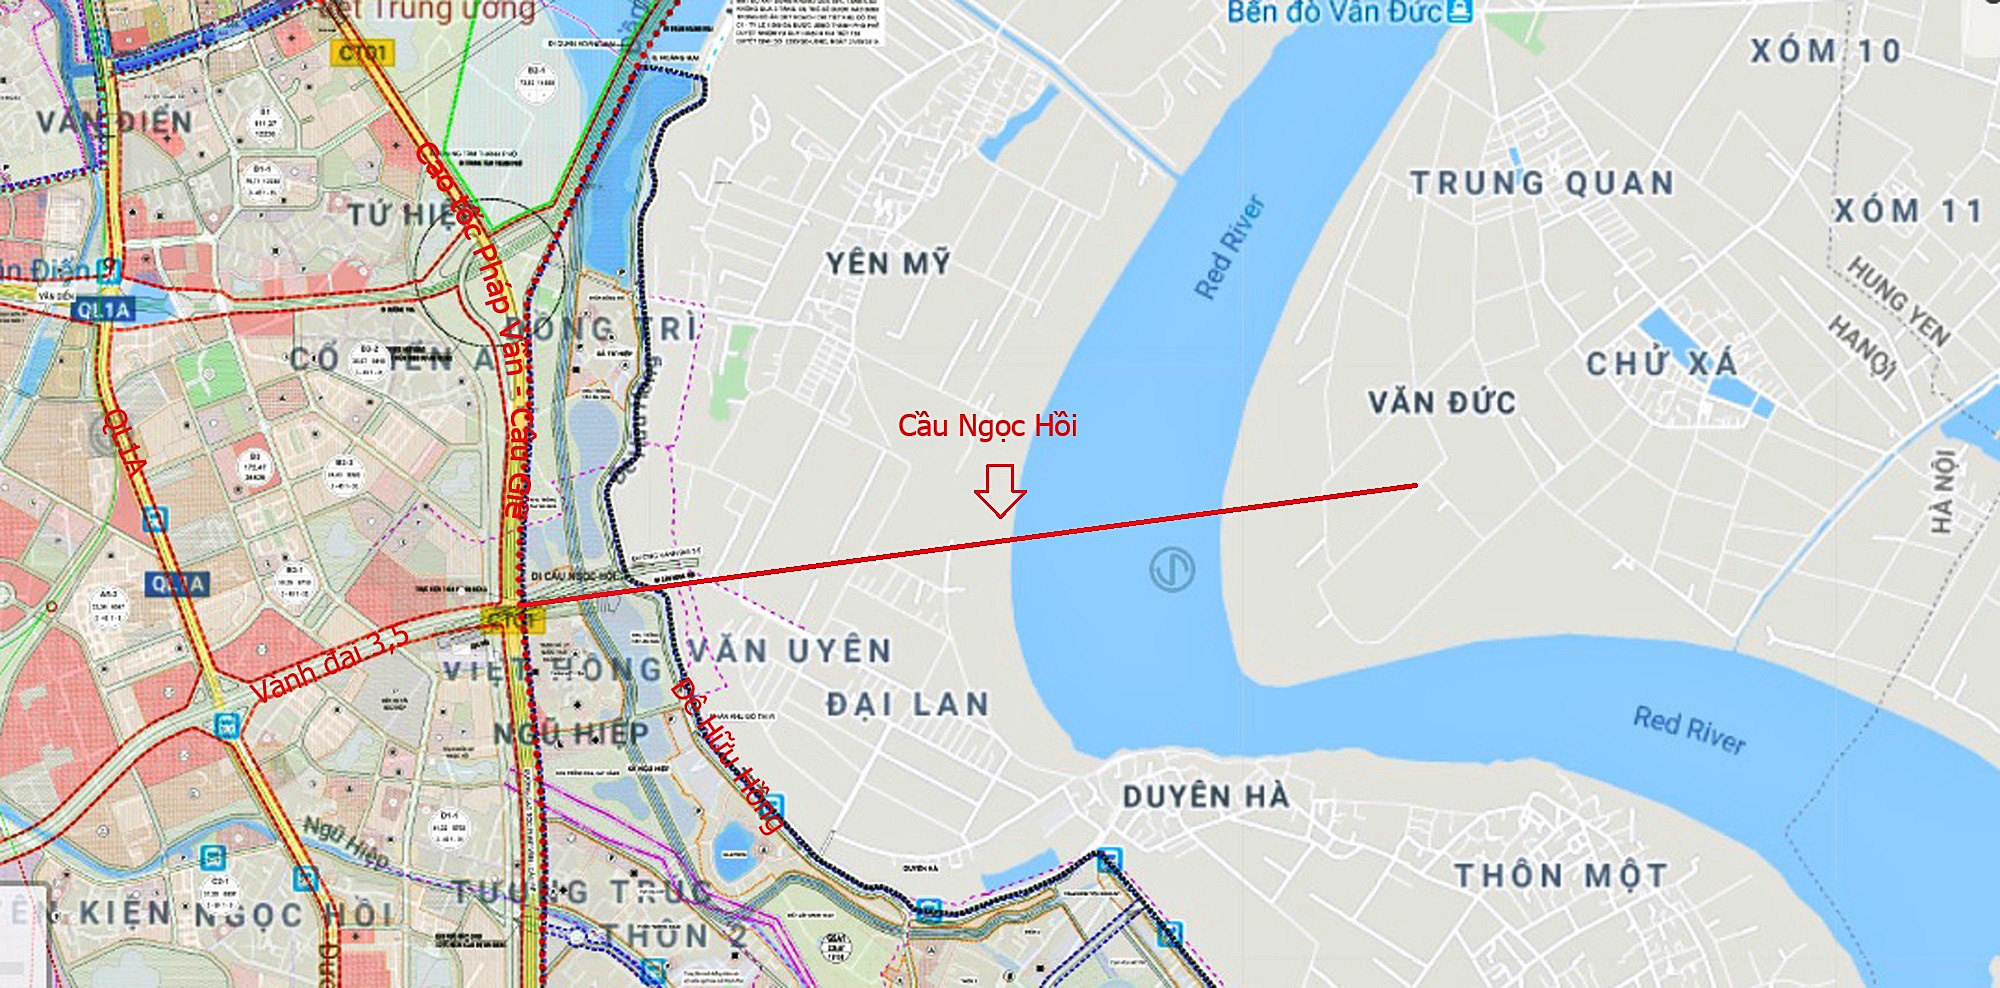 Cầu sẽ mở theo qui hoạch ở Hà Nội: Toàn cảnh cầu Ngọc Hồi nối Hà Nội với Hưng Yên - Ảnh 2.